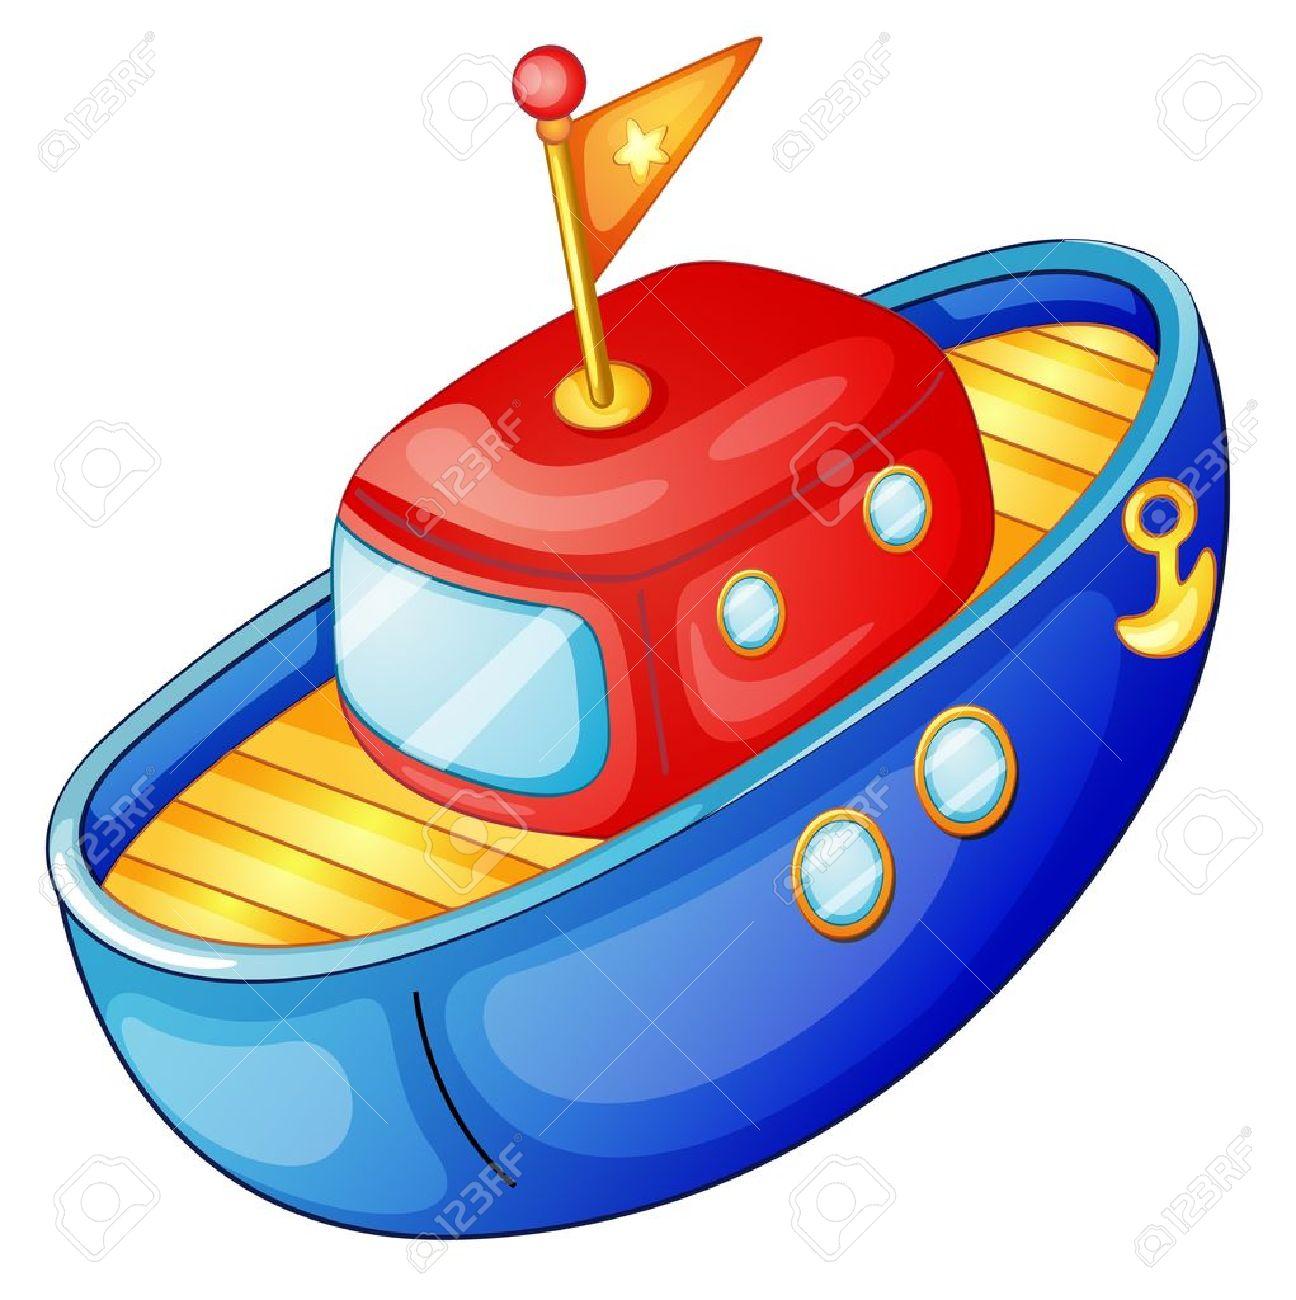 картинка для детей лодка на прозрачном фоне